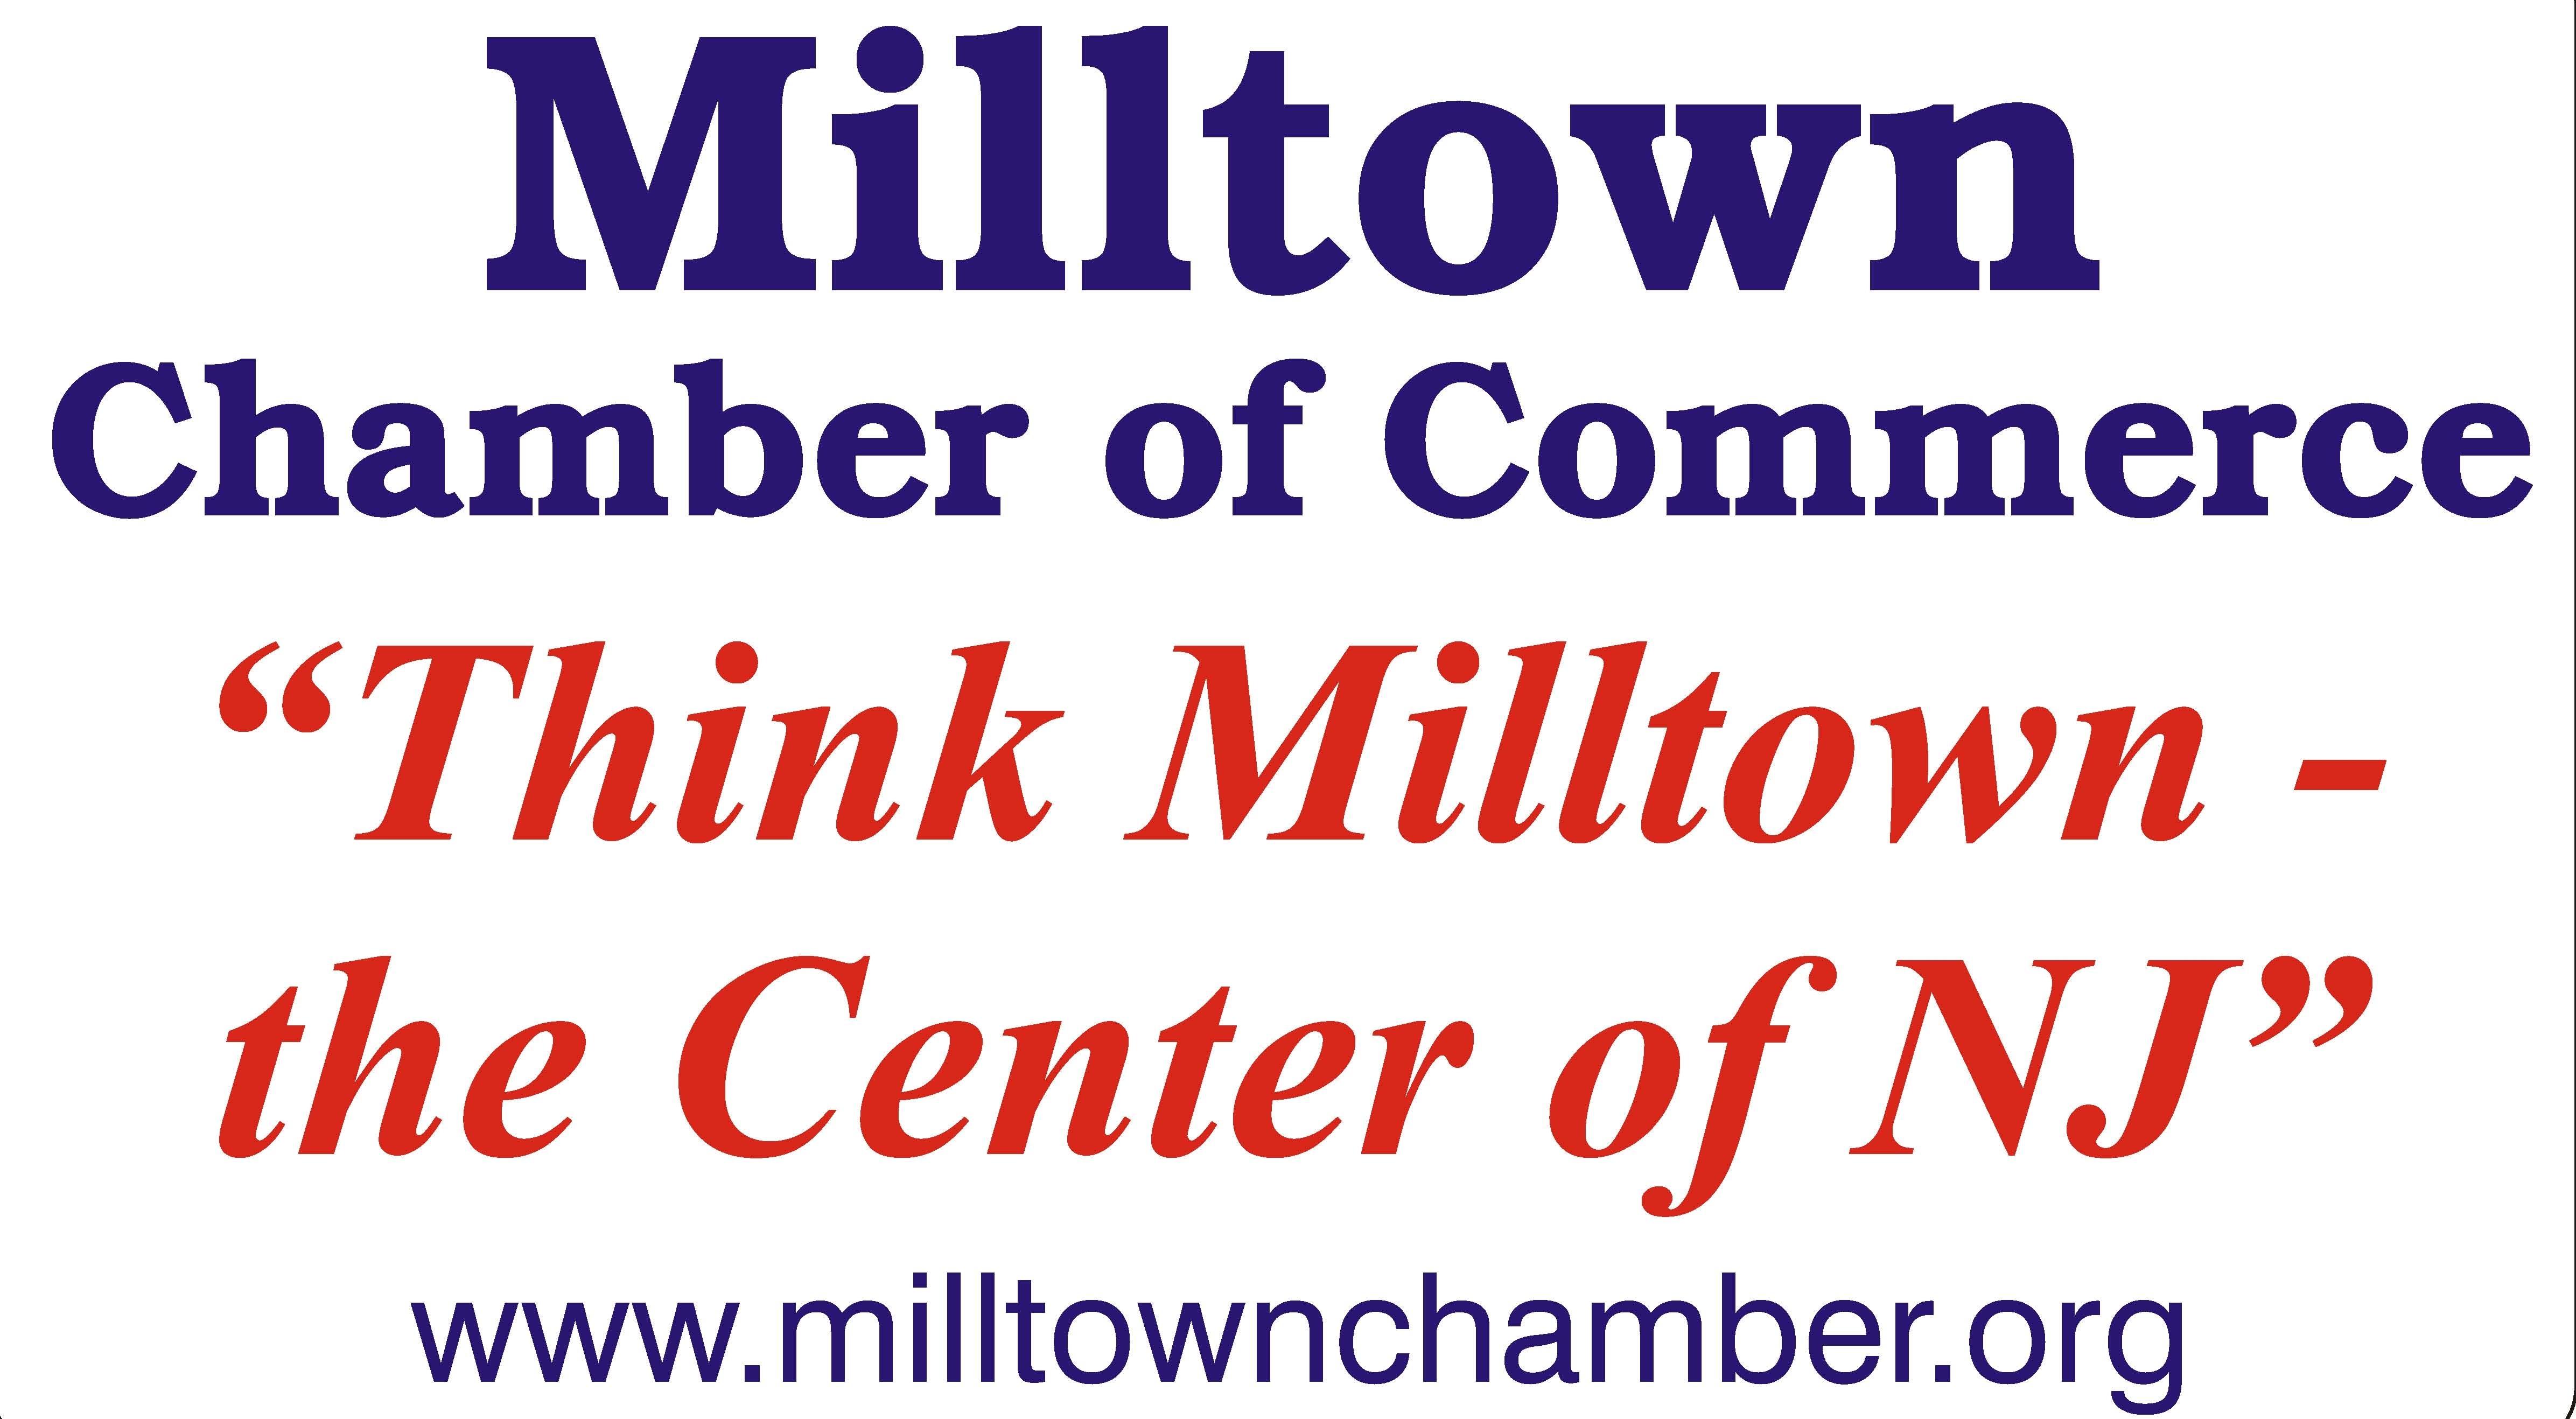 27c1ae4ceffd6e91886e_MilltownChamber_logo1.JPG